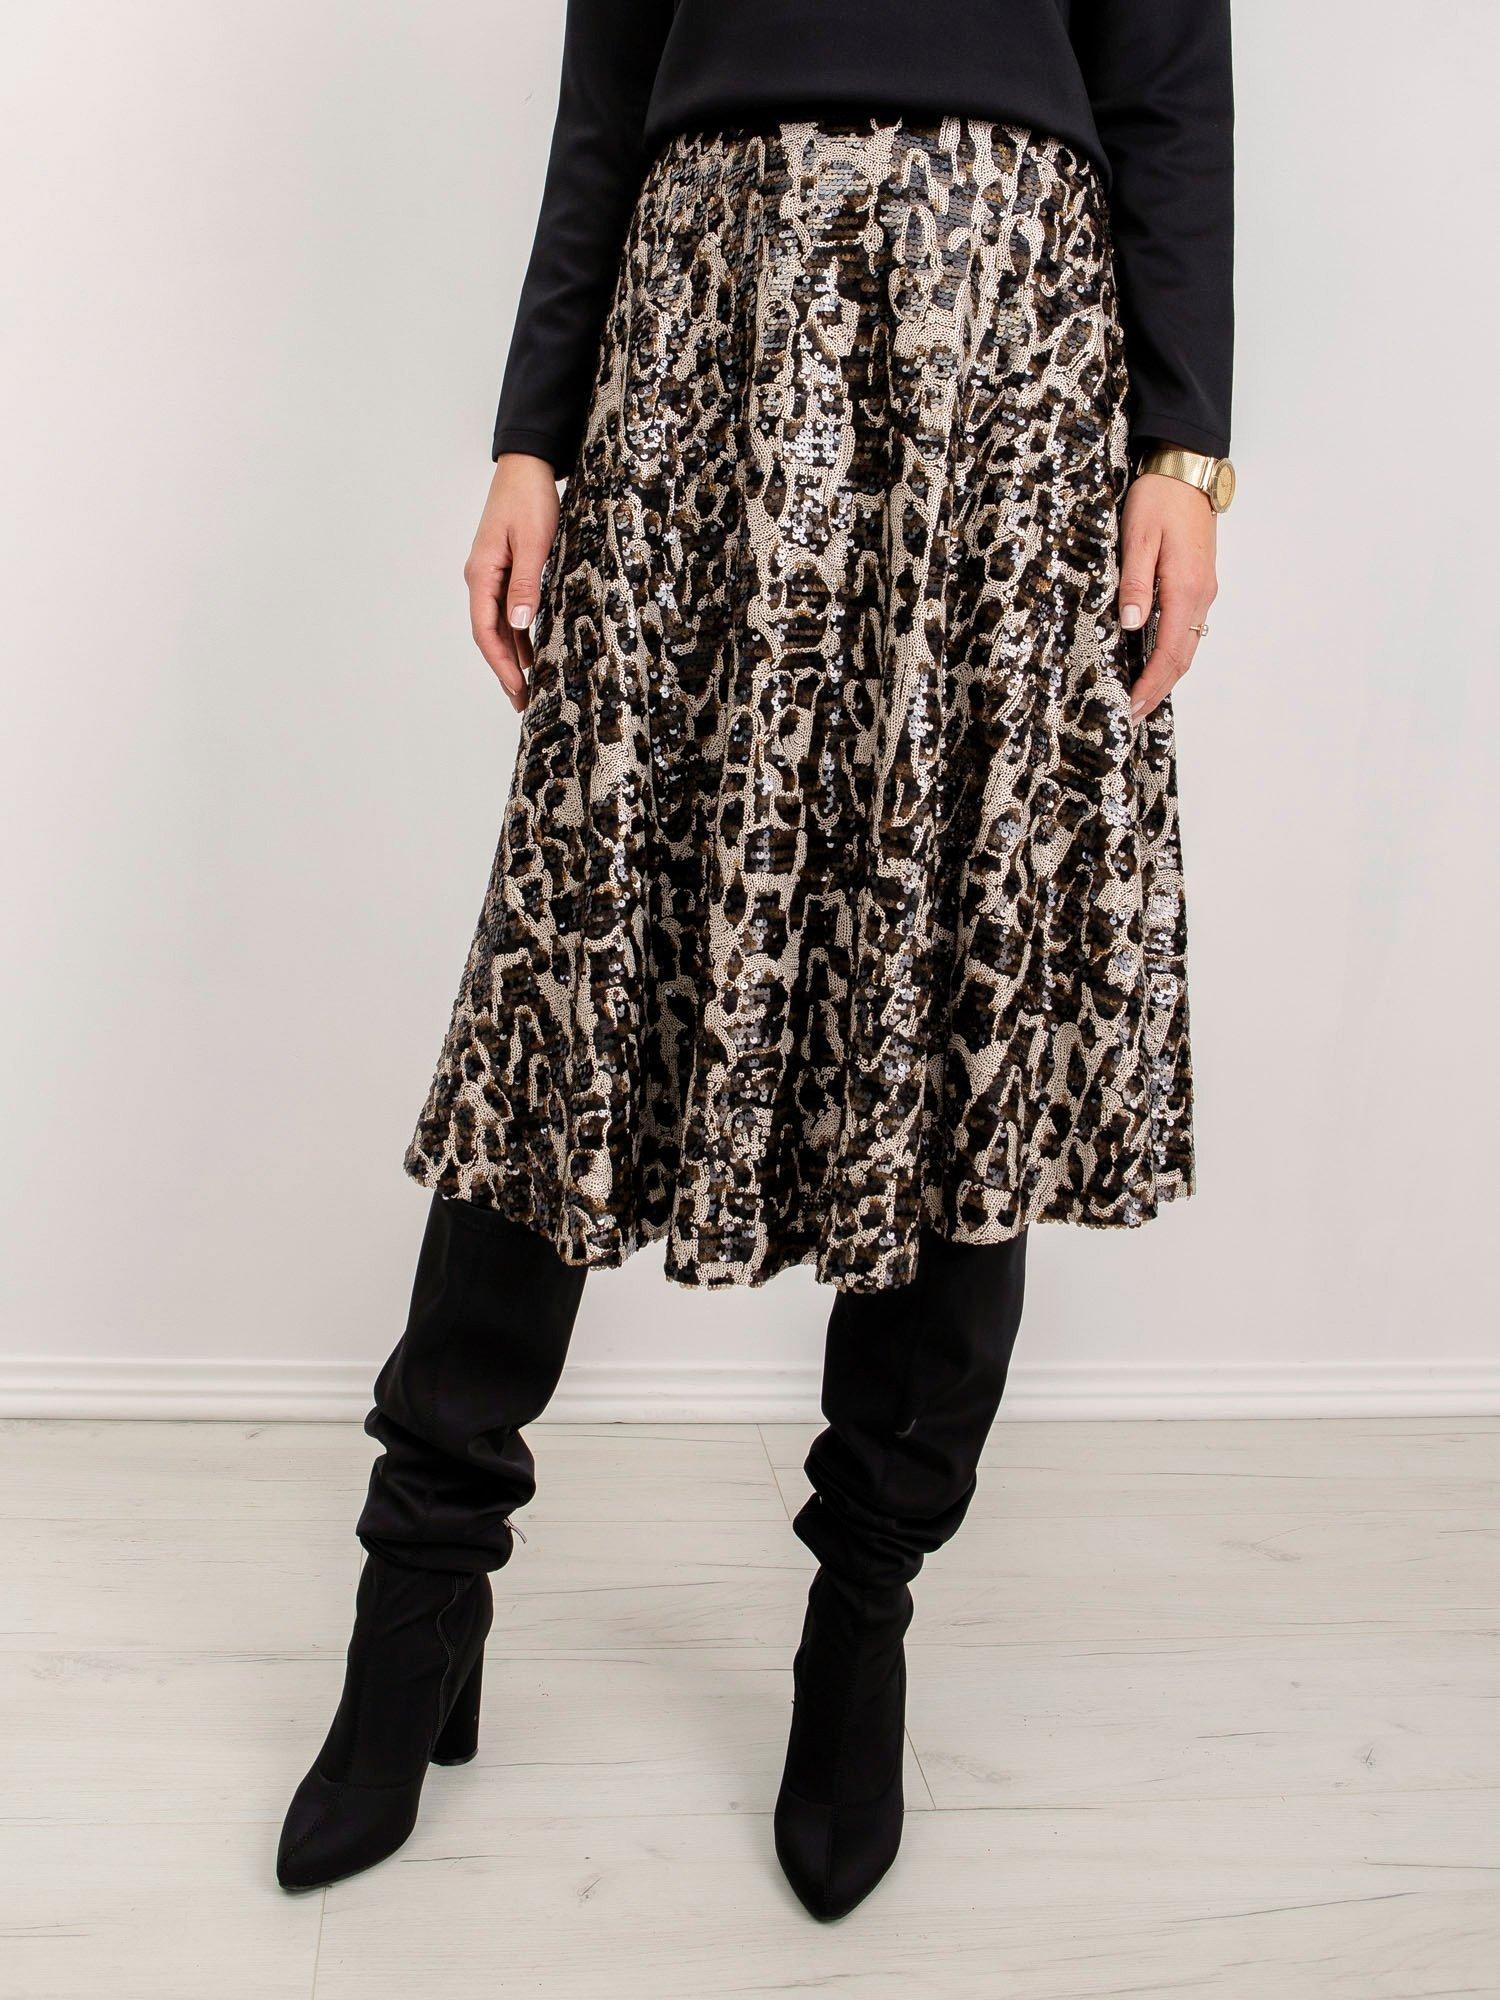 Čierna polodlhá sukňa so zvieracím vzorom - L